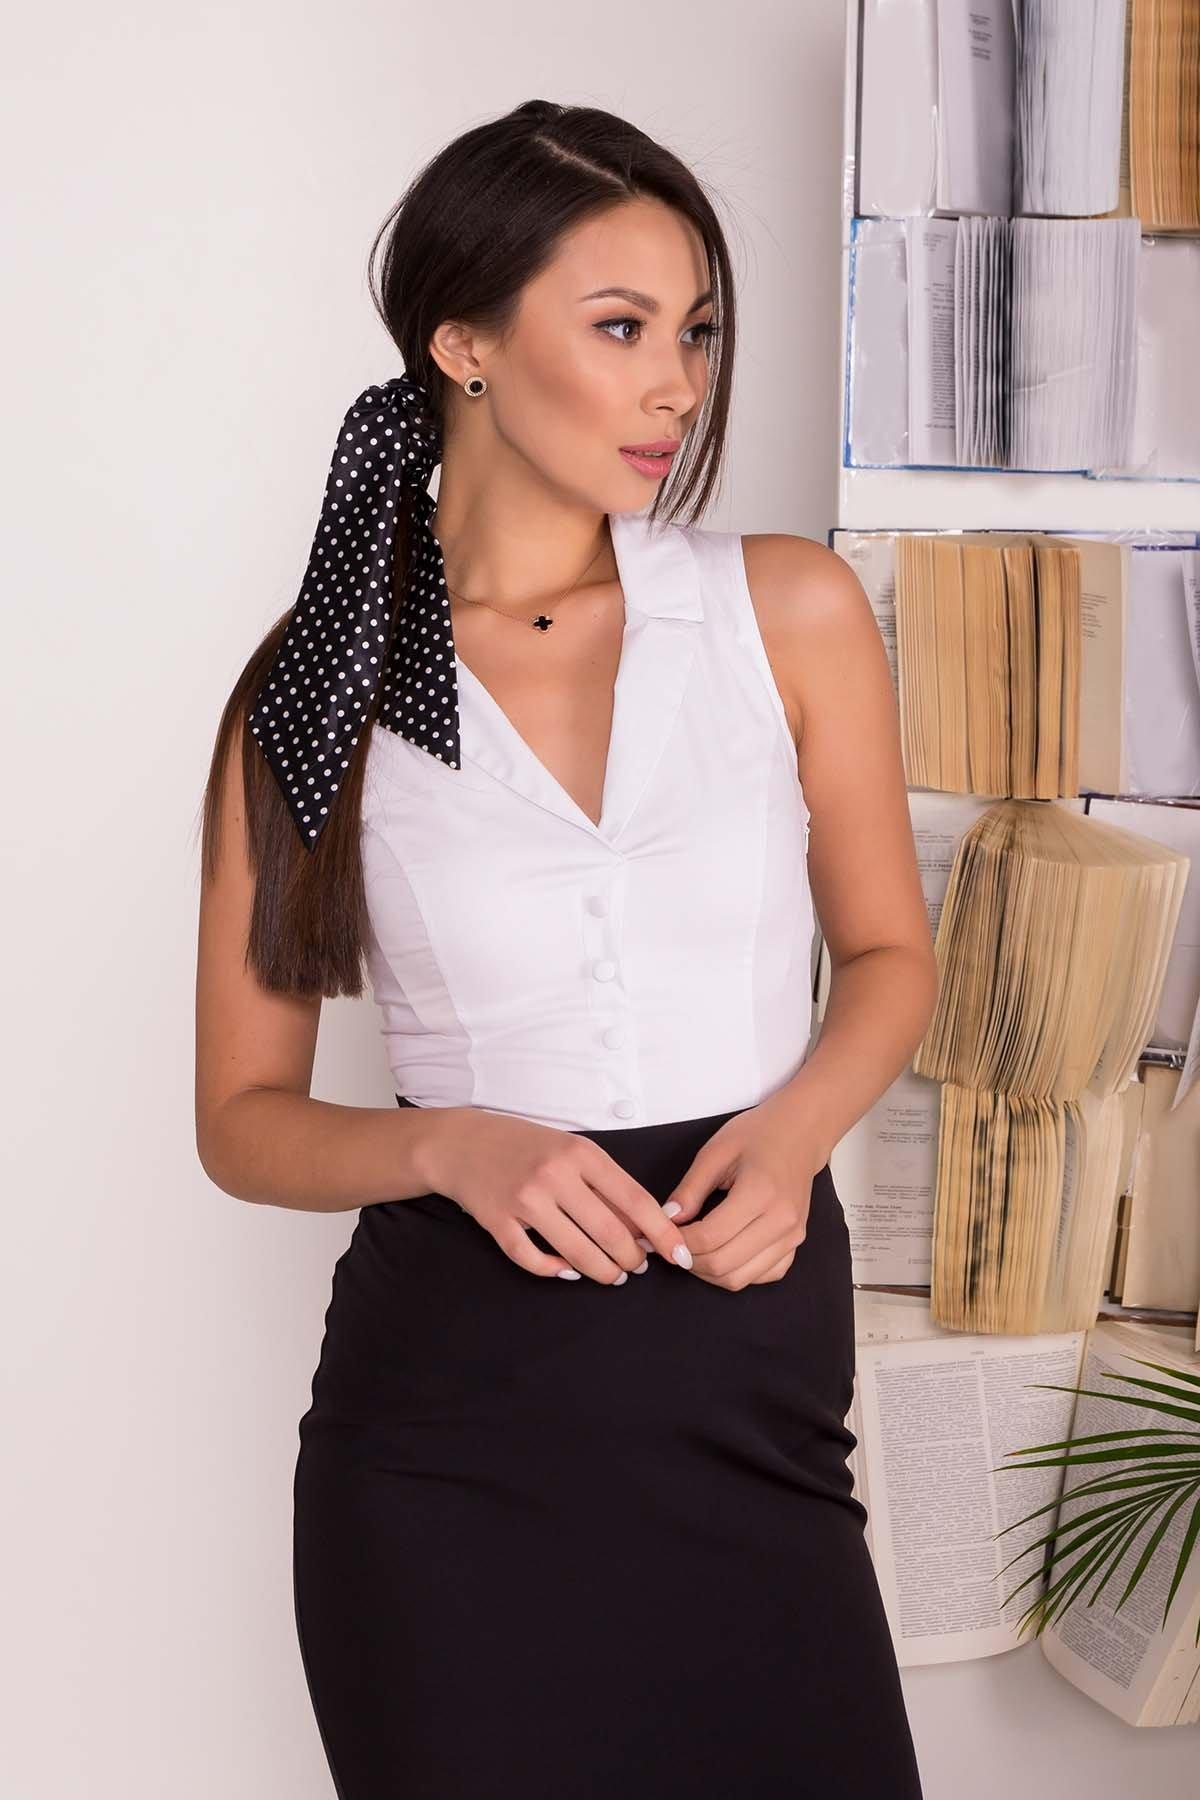 Блуза приталенного кроя без рукавов Санти  7658 АРТ. 43588 Цвет: Белый - фото 4, интернет магазин tm-modus.ru